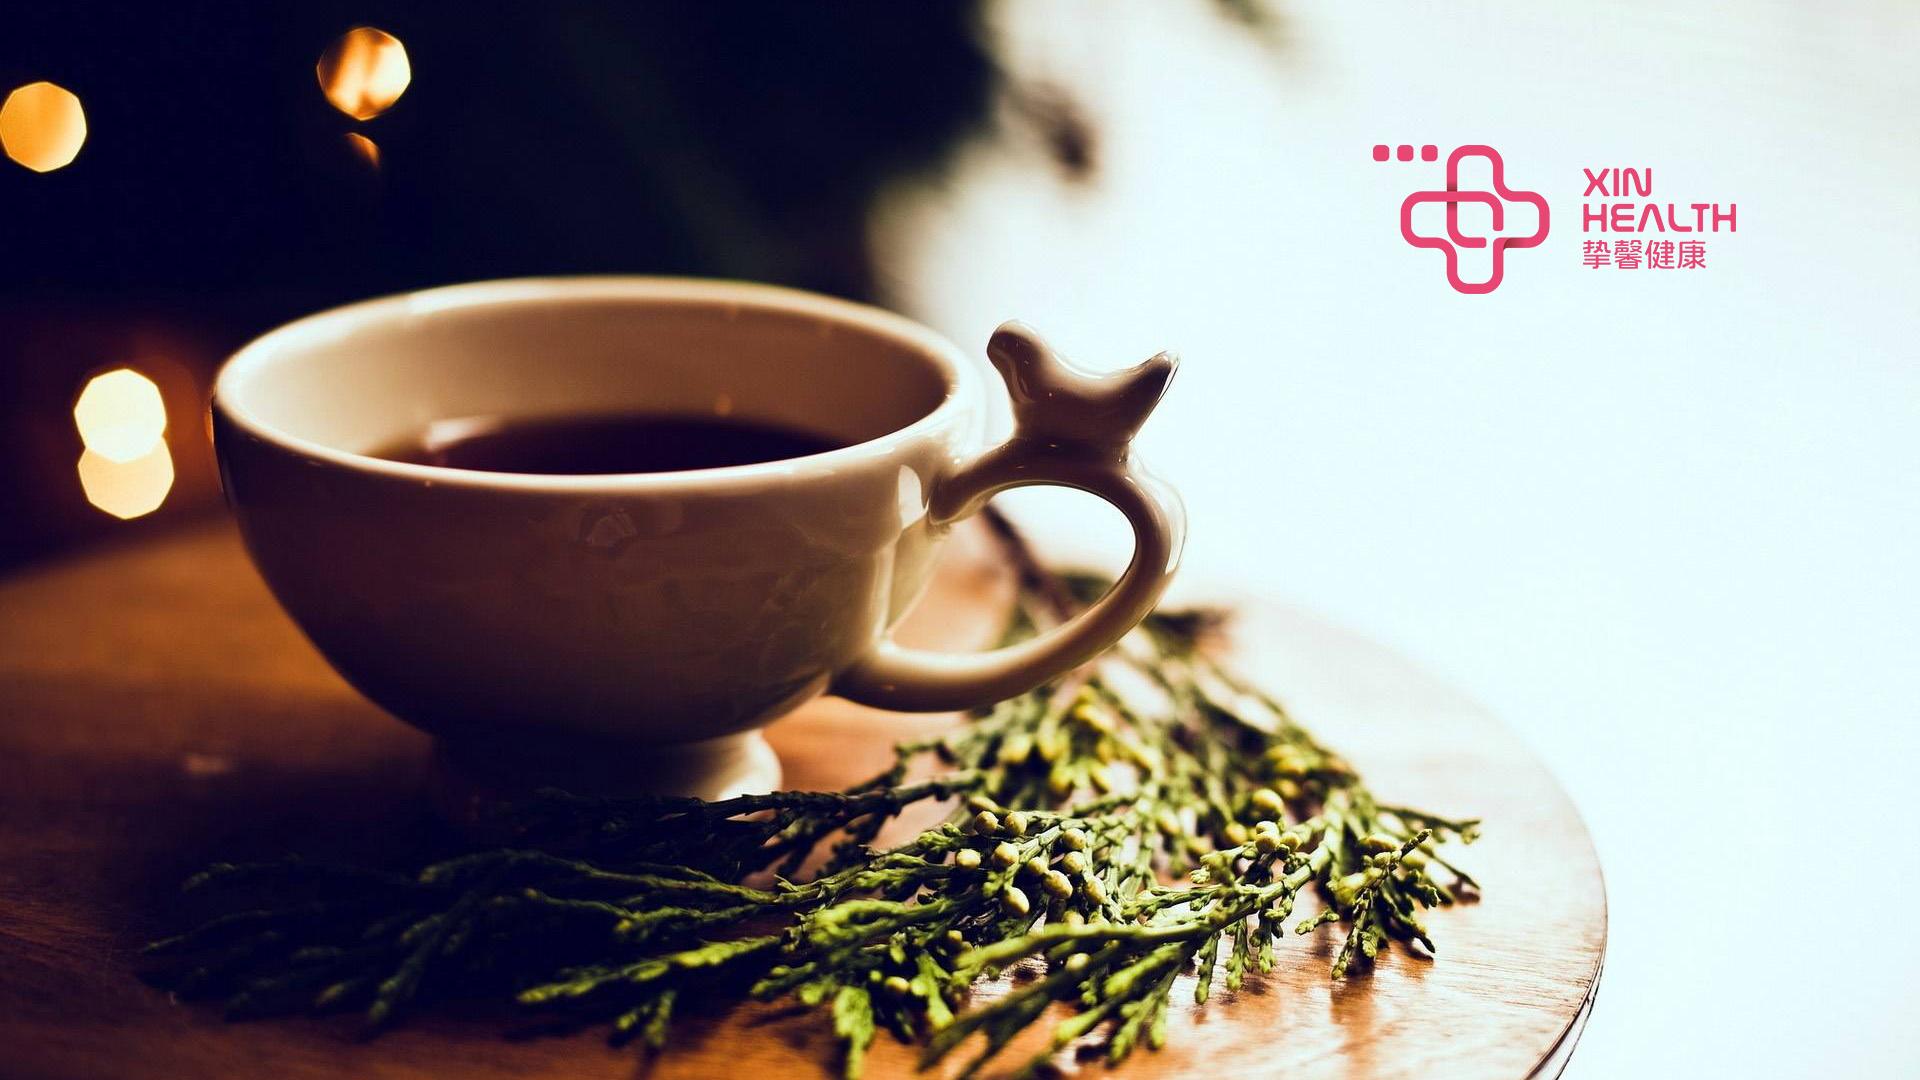 很多人把喝茶当成养生的一种方式